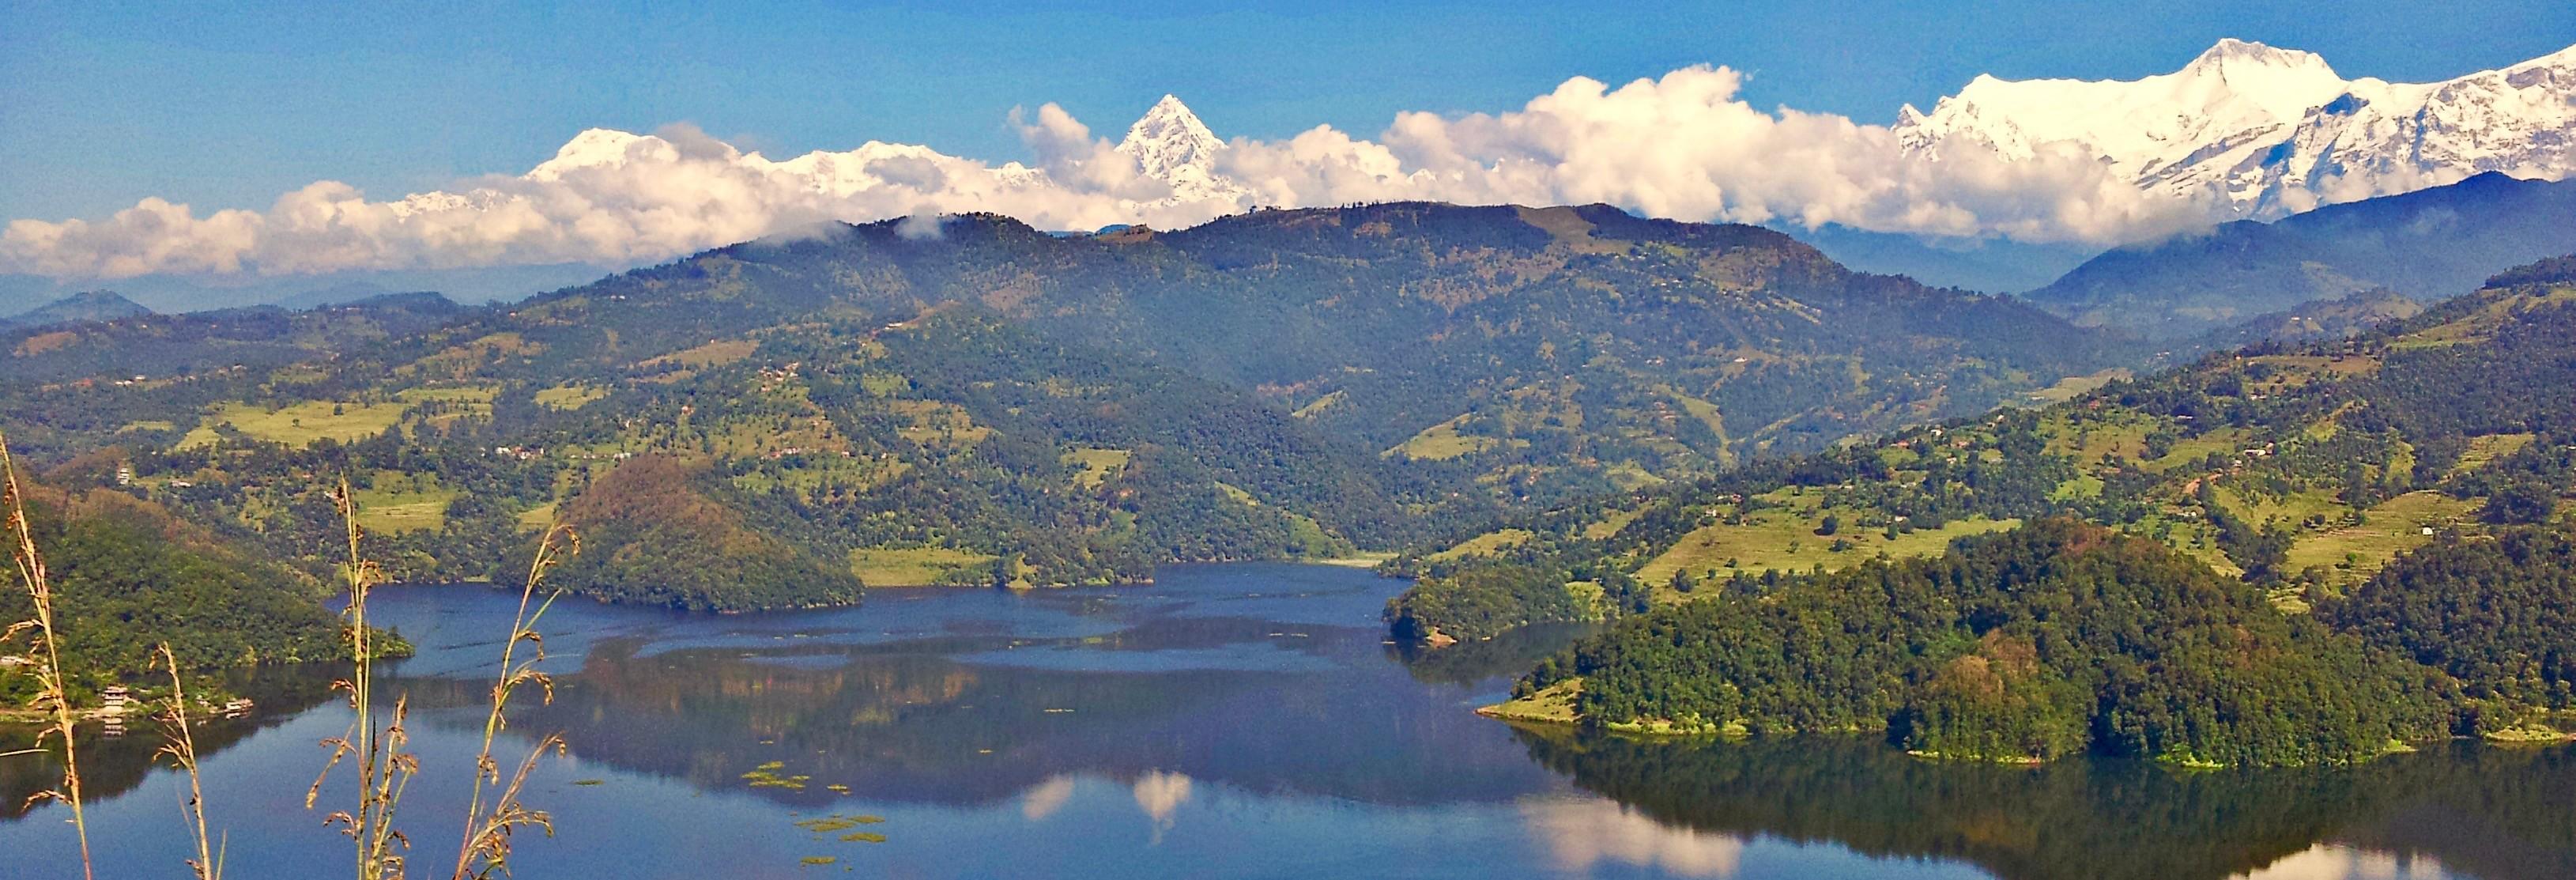 دریاچه بِگناس